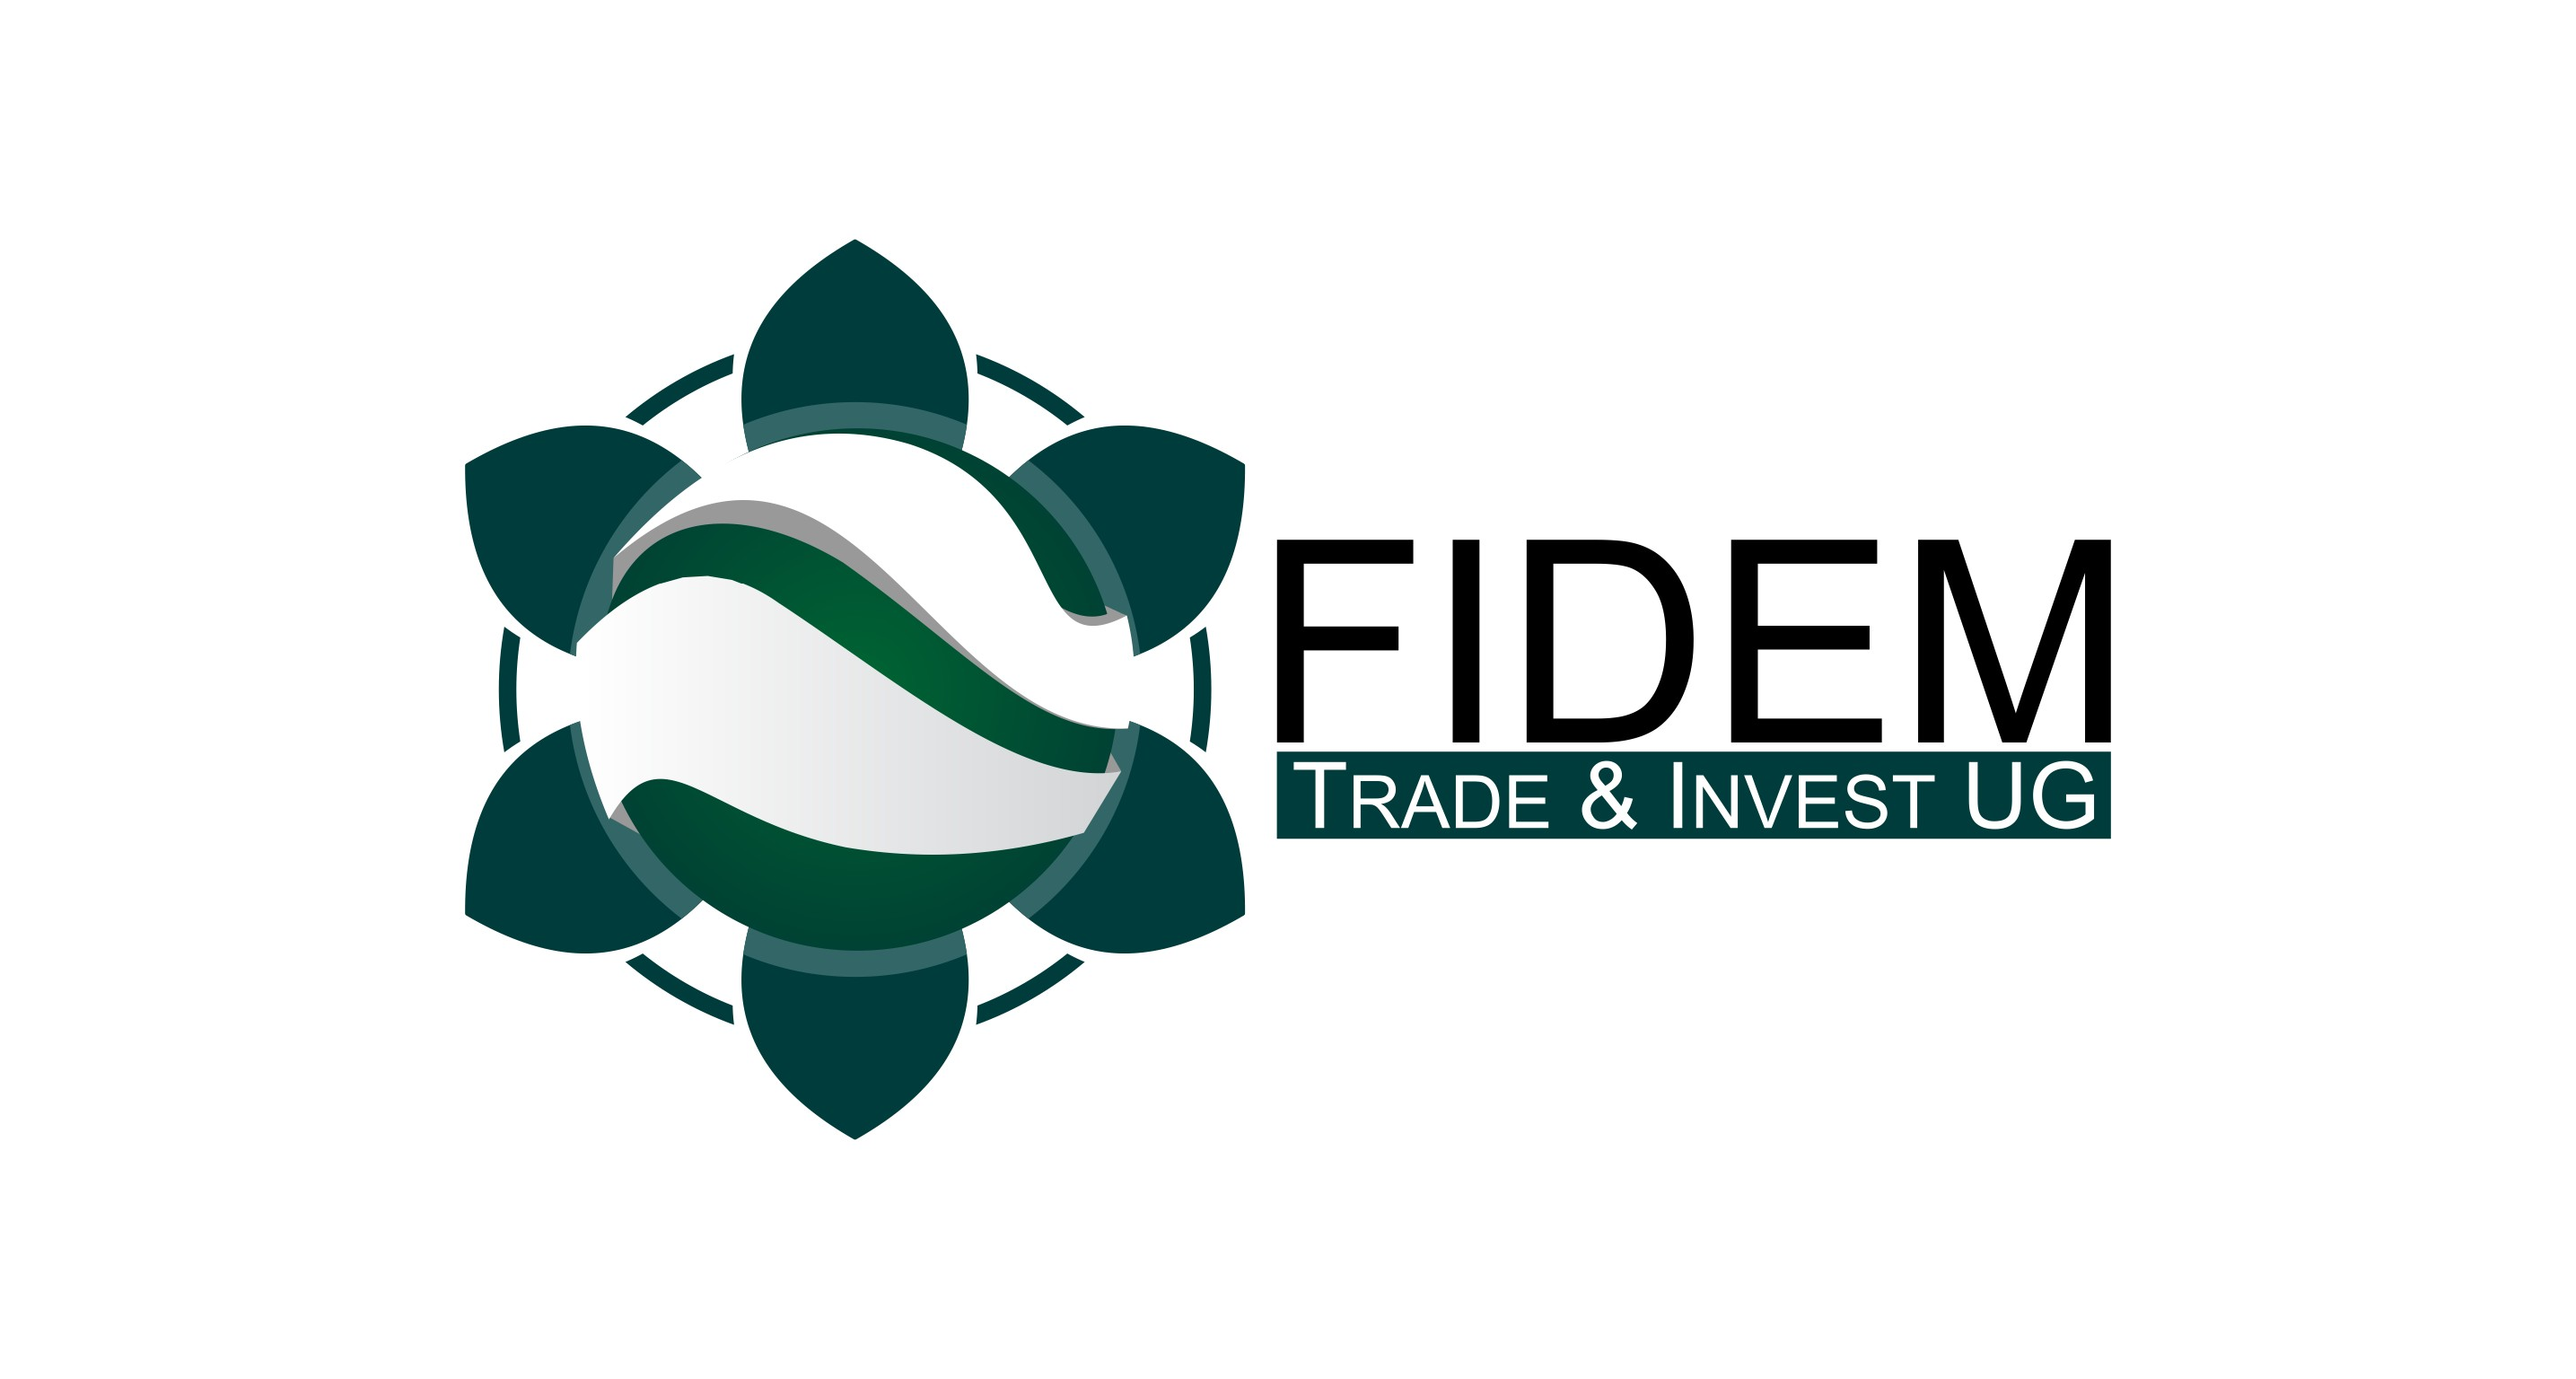 Logo Design by Crispin Jr Vasquez - Entry No. 526 in the Logo Design Contest Professional Logo Design for FIDEM Trade & Invest UG.